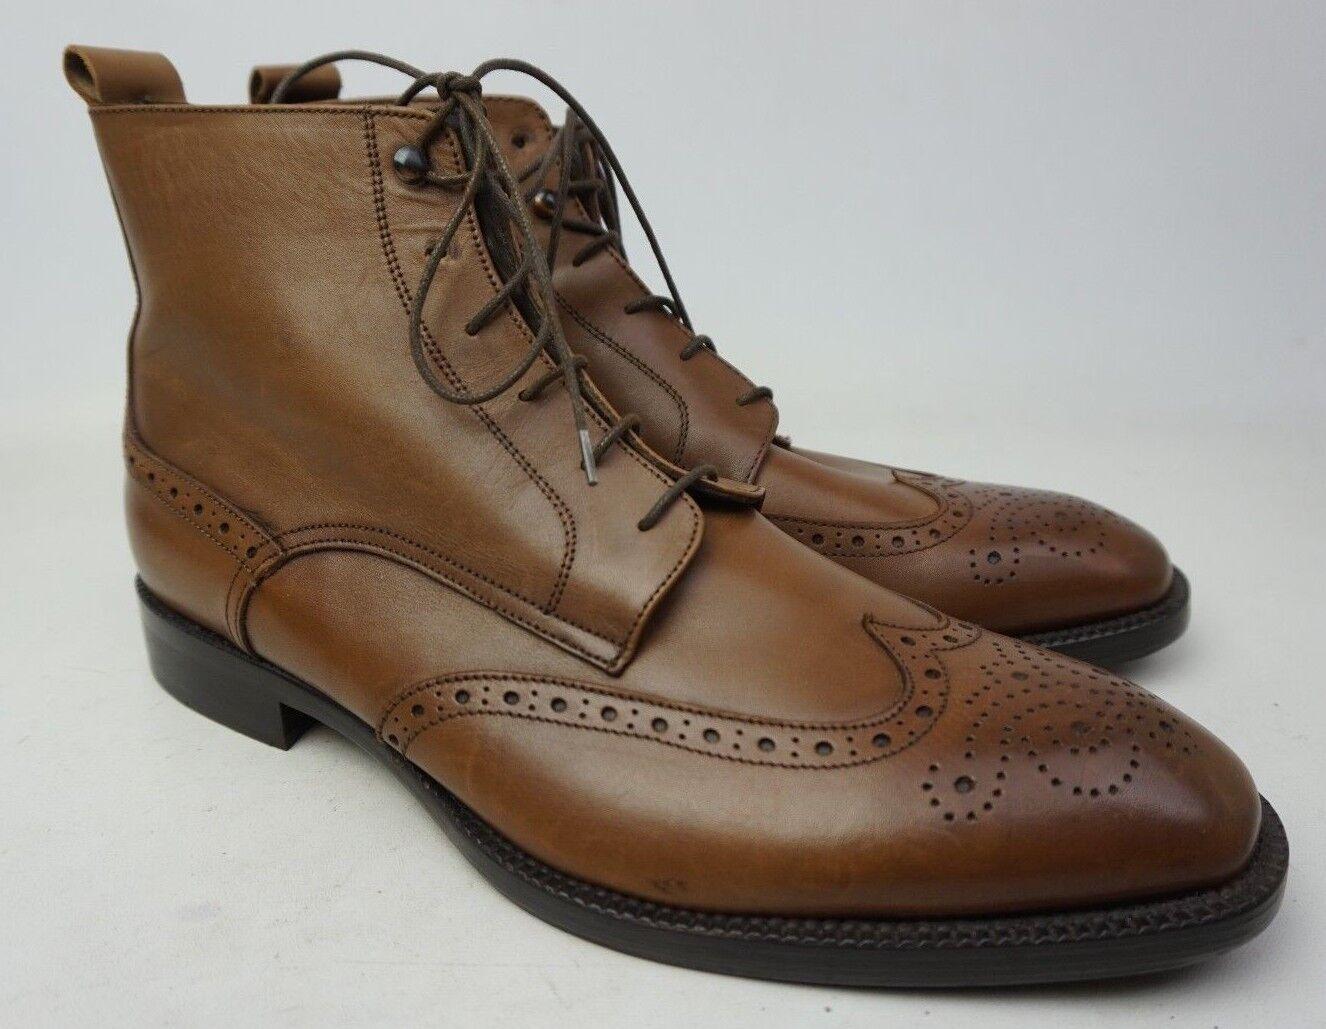 To Stiefel New York Brentwood Wingtip Leather Vitello Cuoio braun Stiefel Größe 11